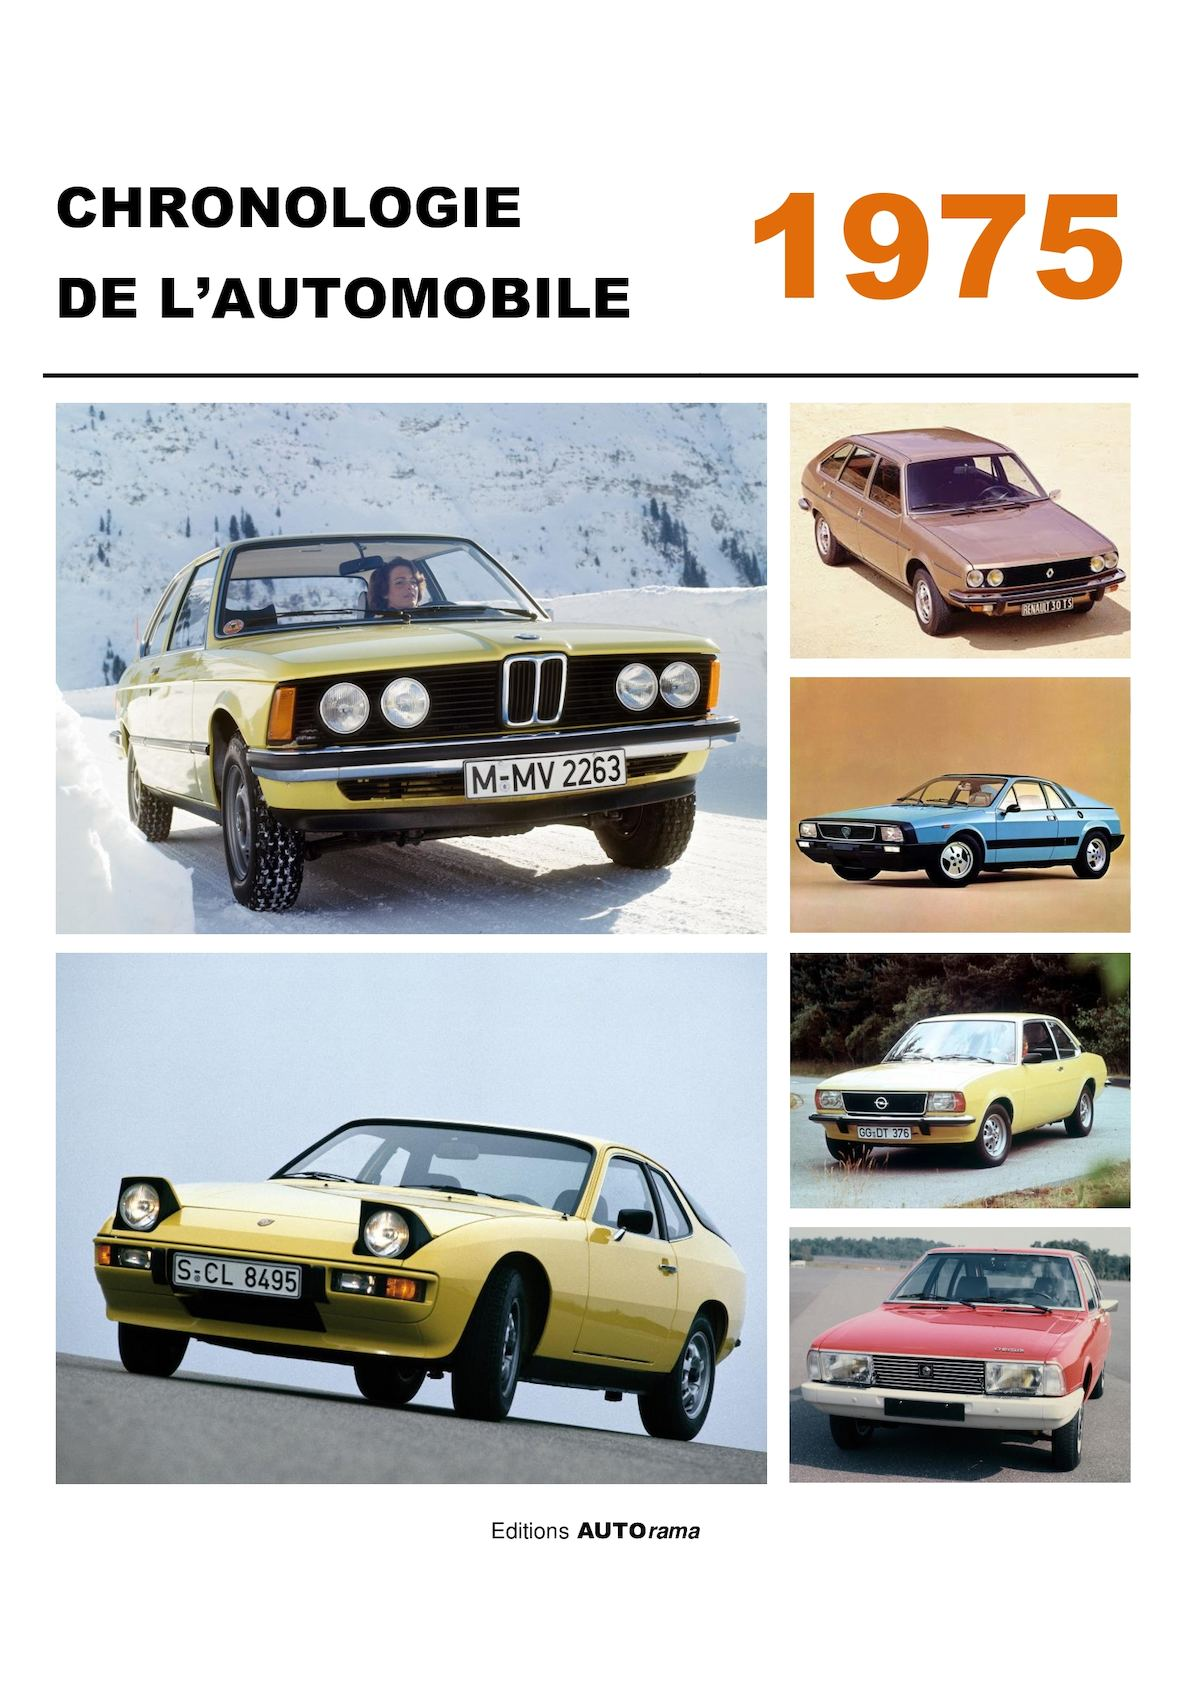 Chronologie de l'automobile - 1975